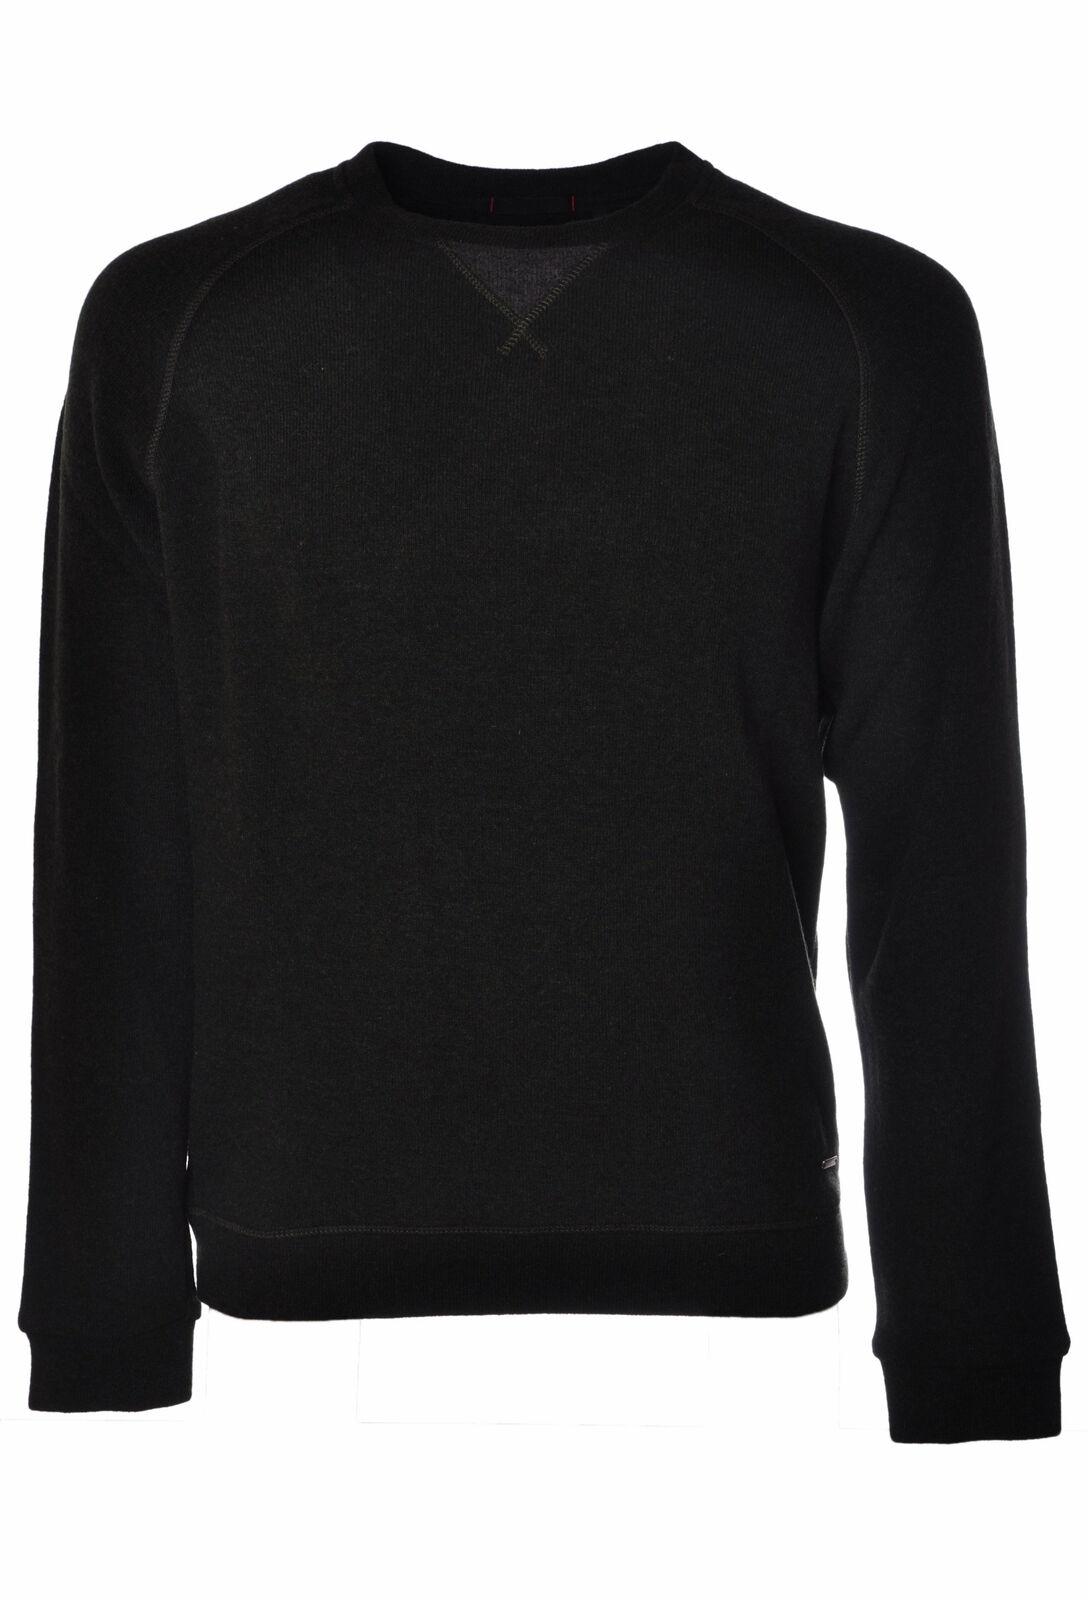 Woolrich  -  Sweaters - Male - Grün - 2629604A183519